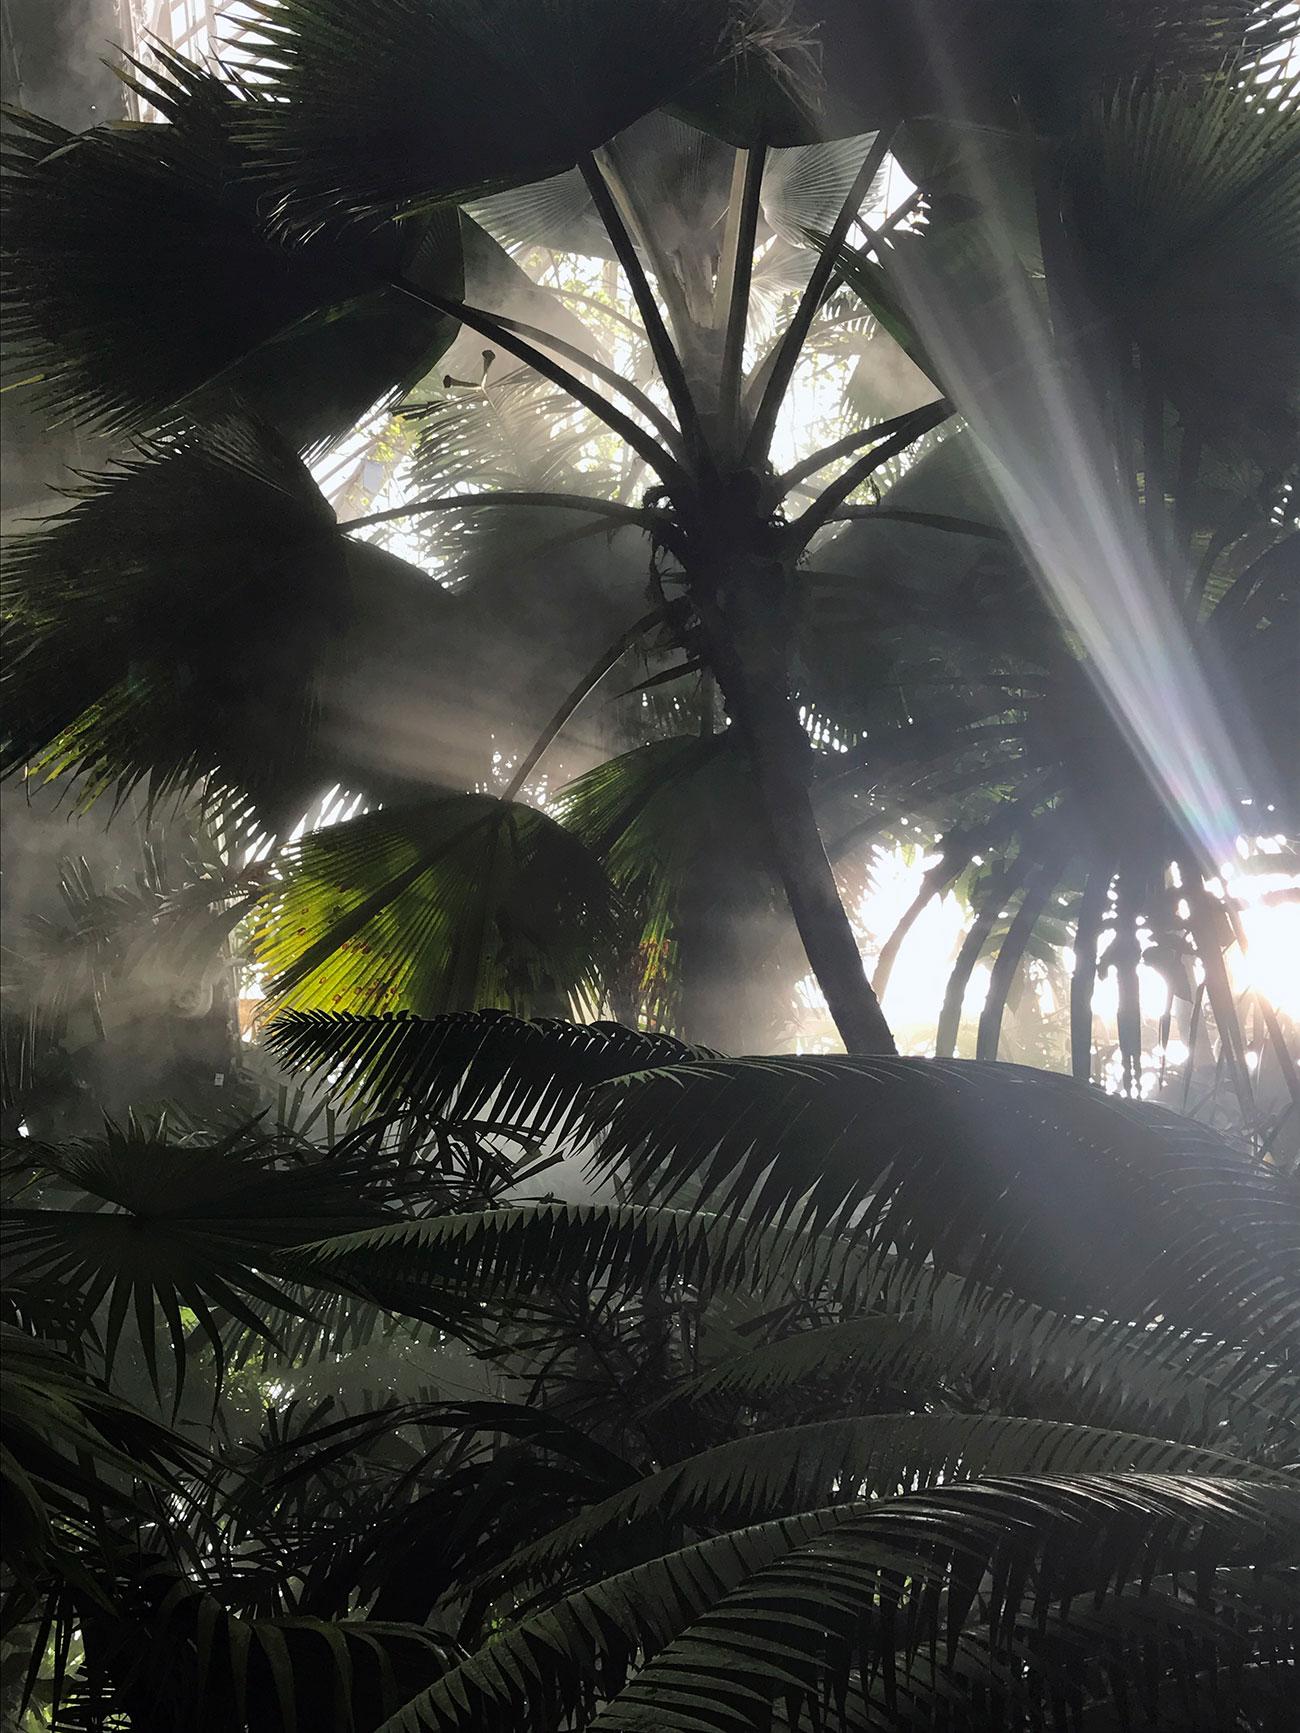 Jardin exotique - serre tropicale Kew Garden - Architecte paysagiste concepteur - Atelier Naudier - Montpellier & Aix en Provence - aménagement jardin